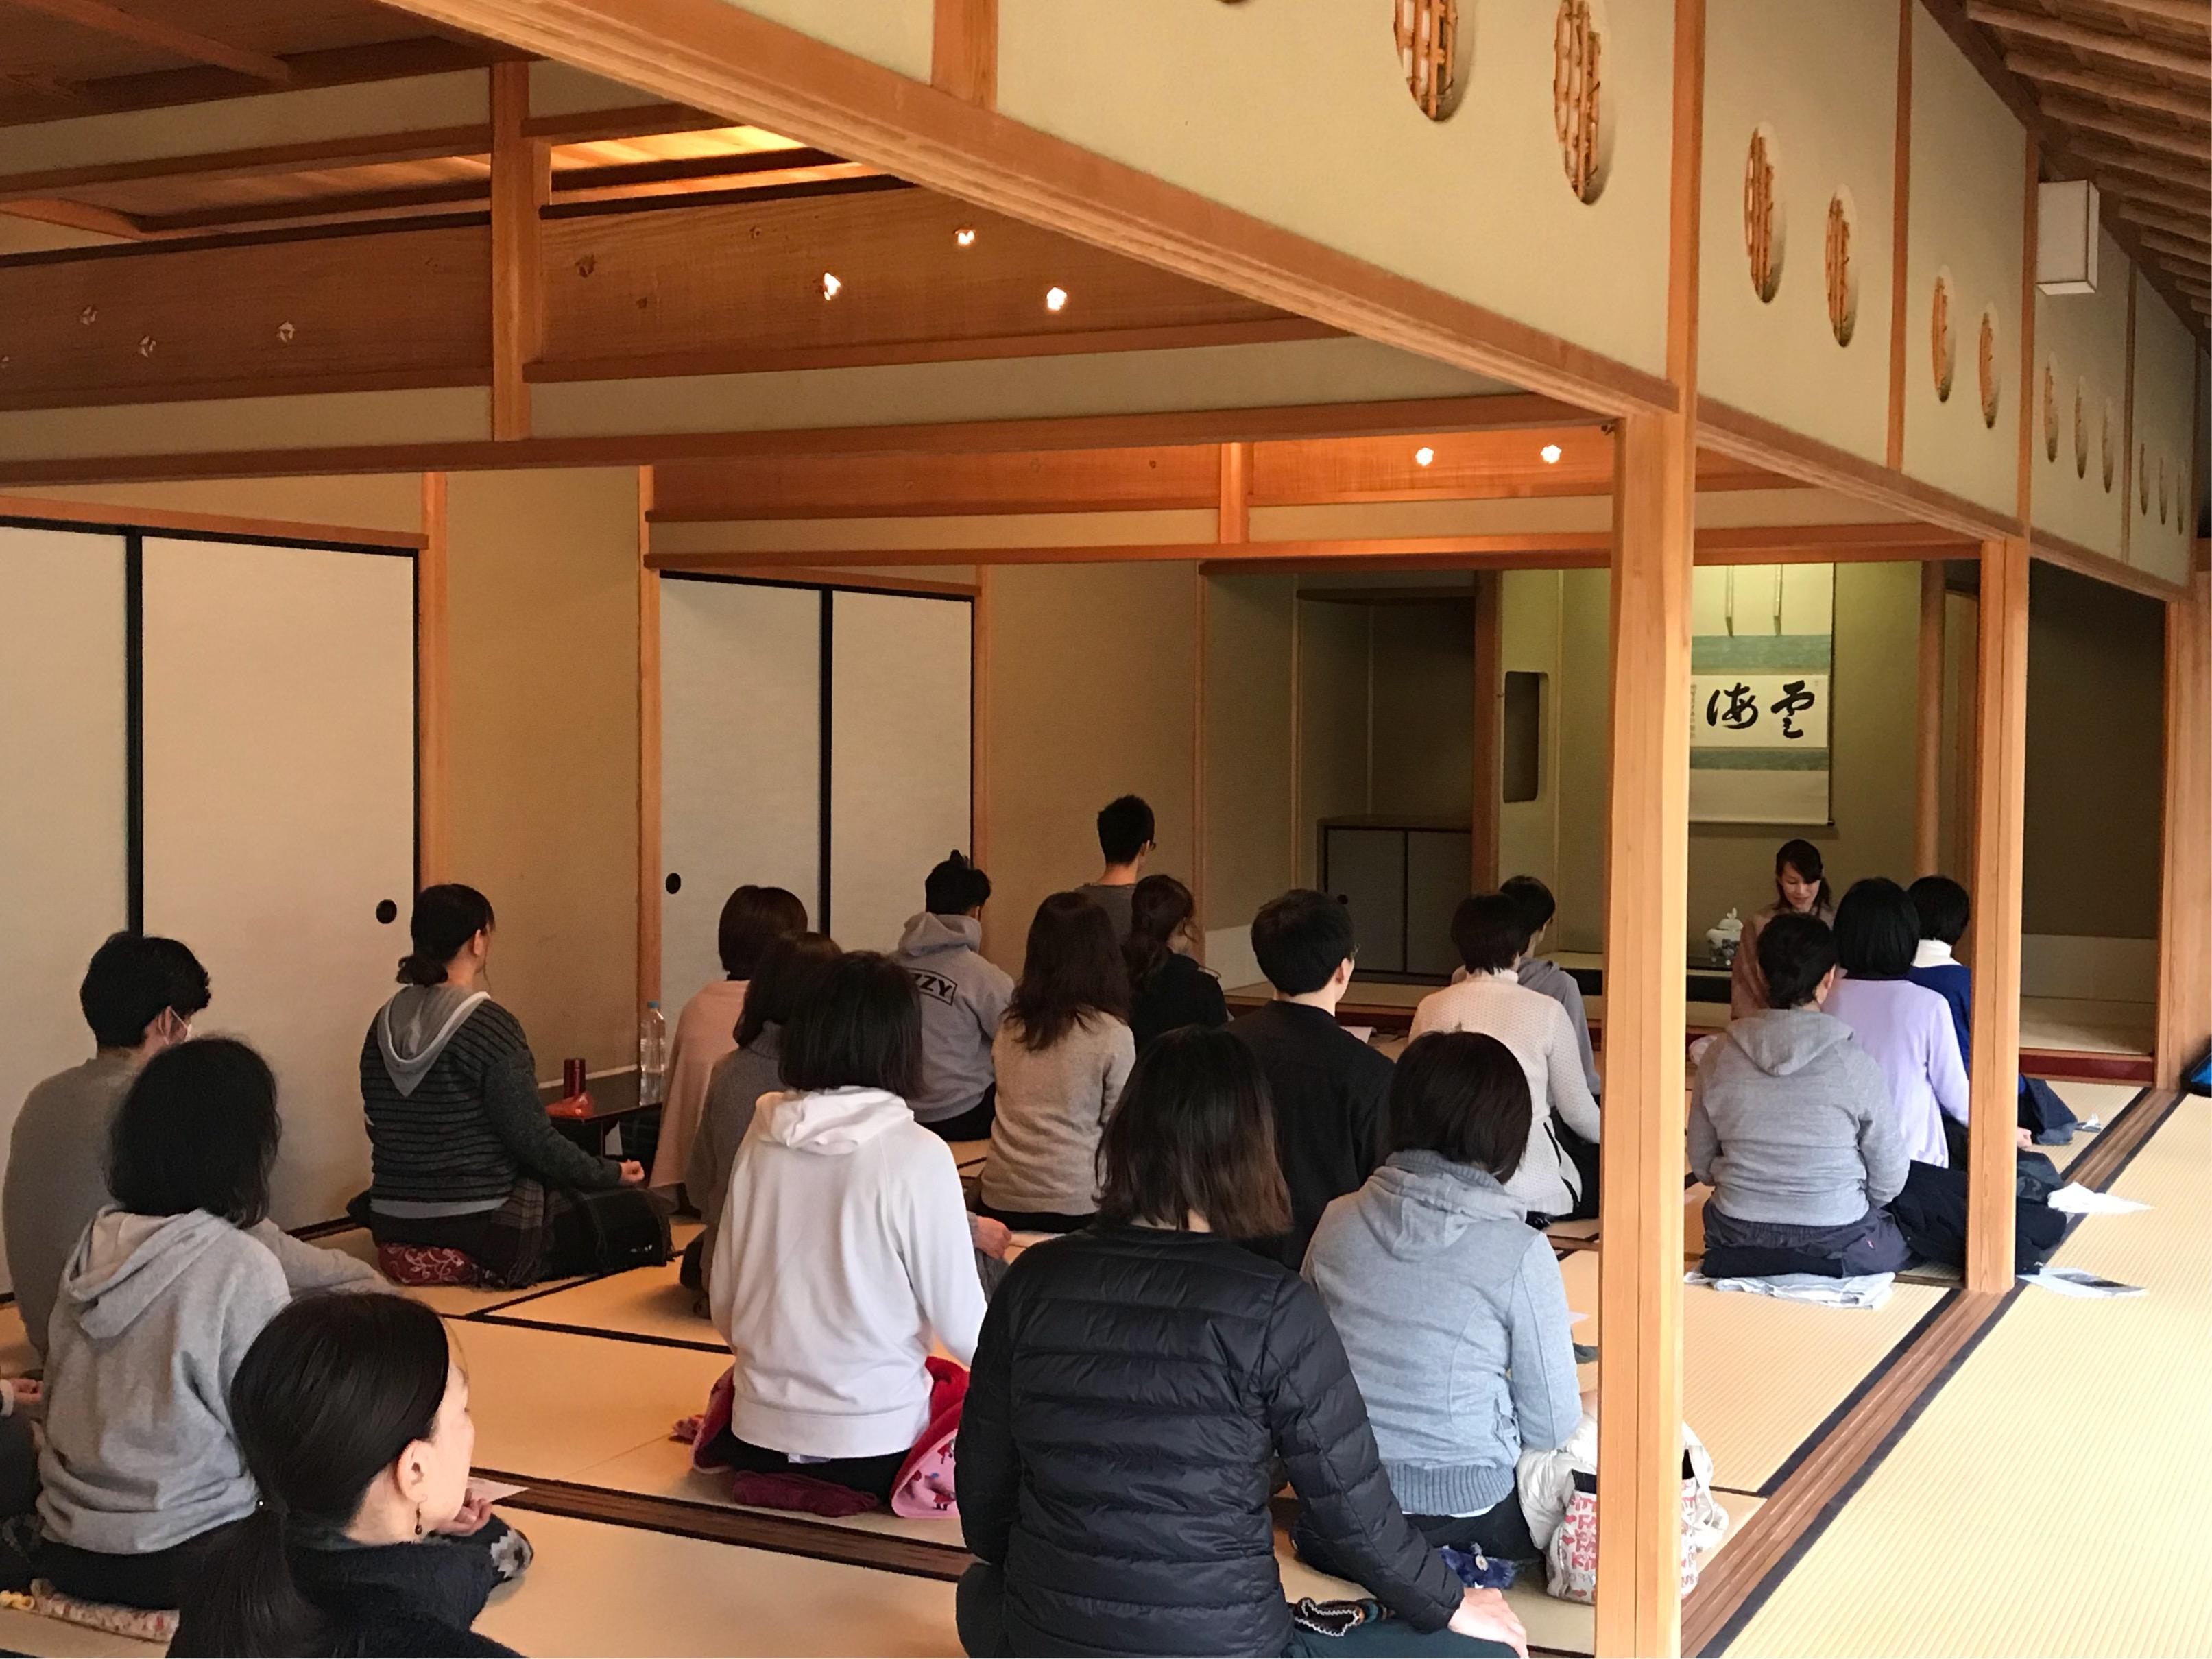 マインドフルネス瞑想の練習